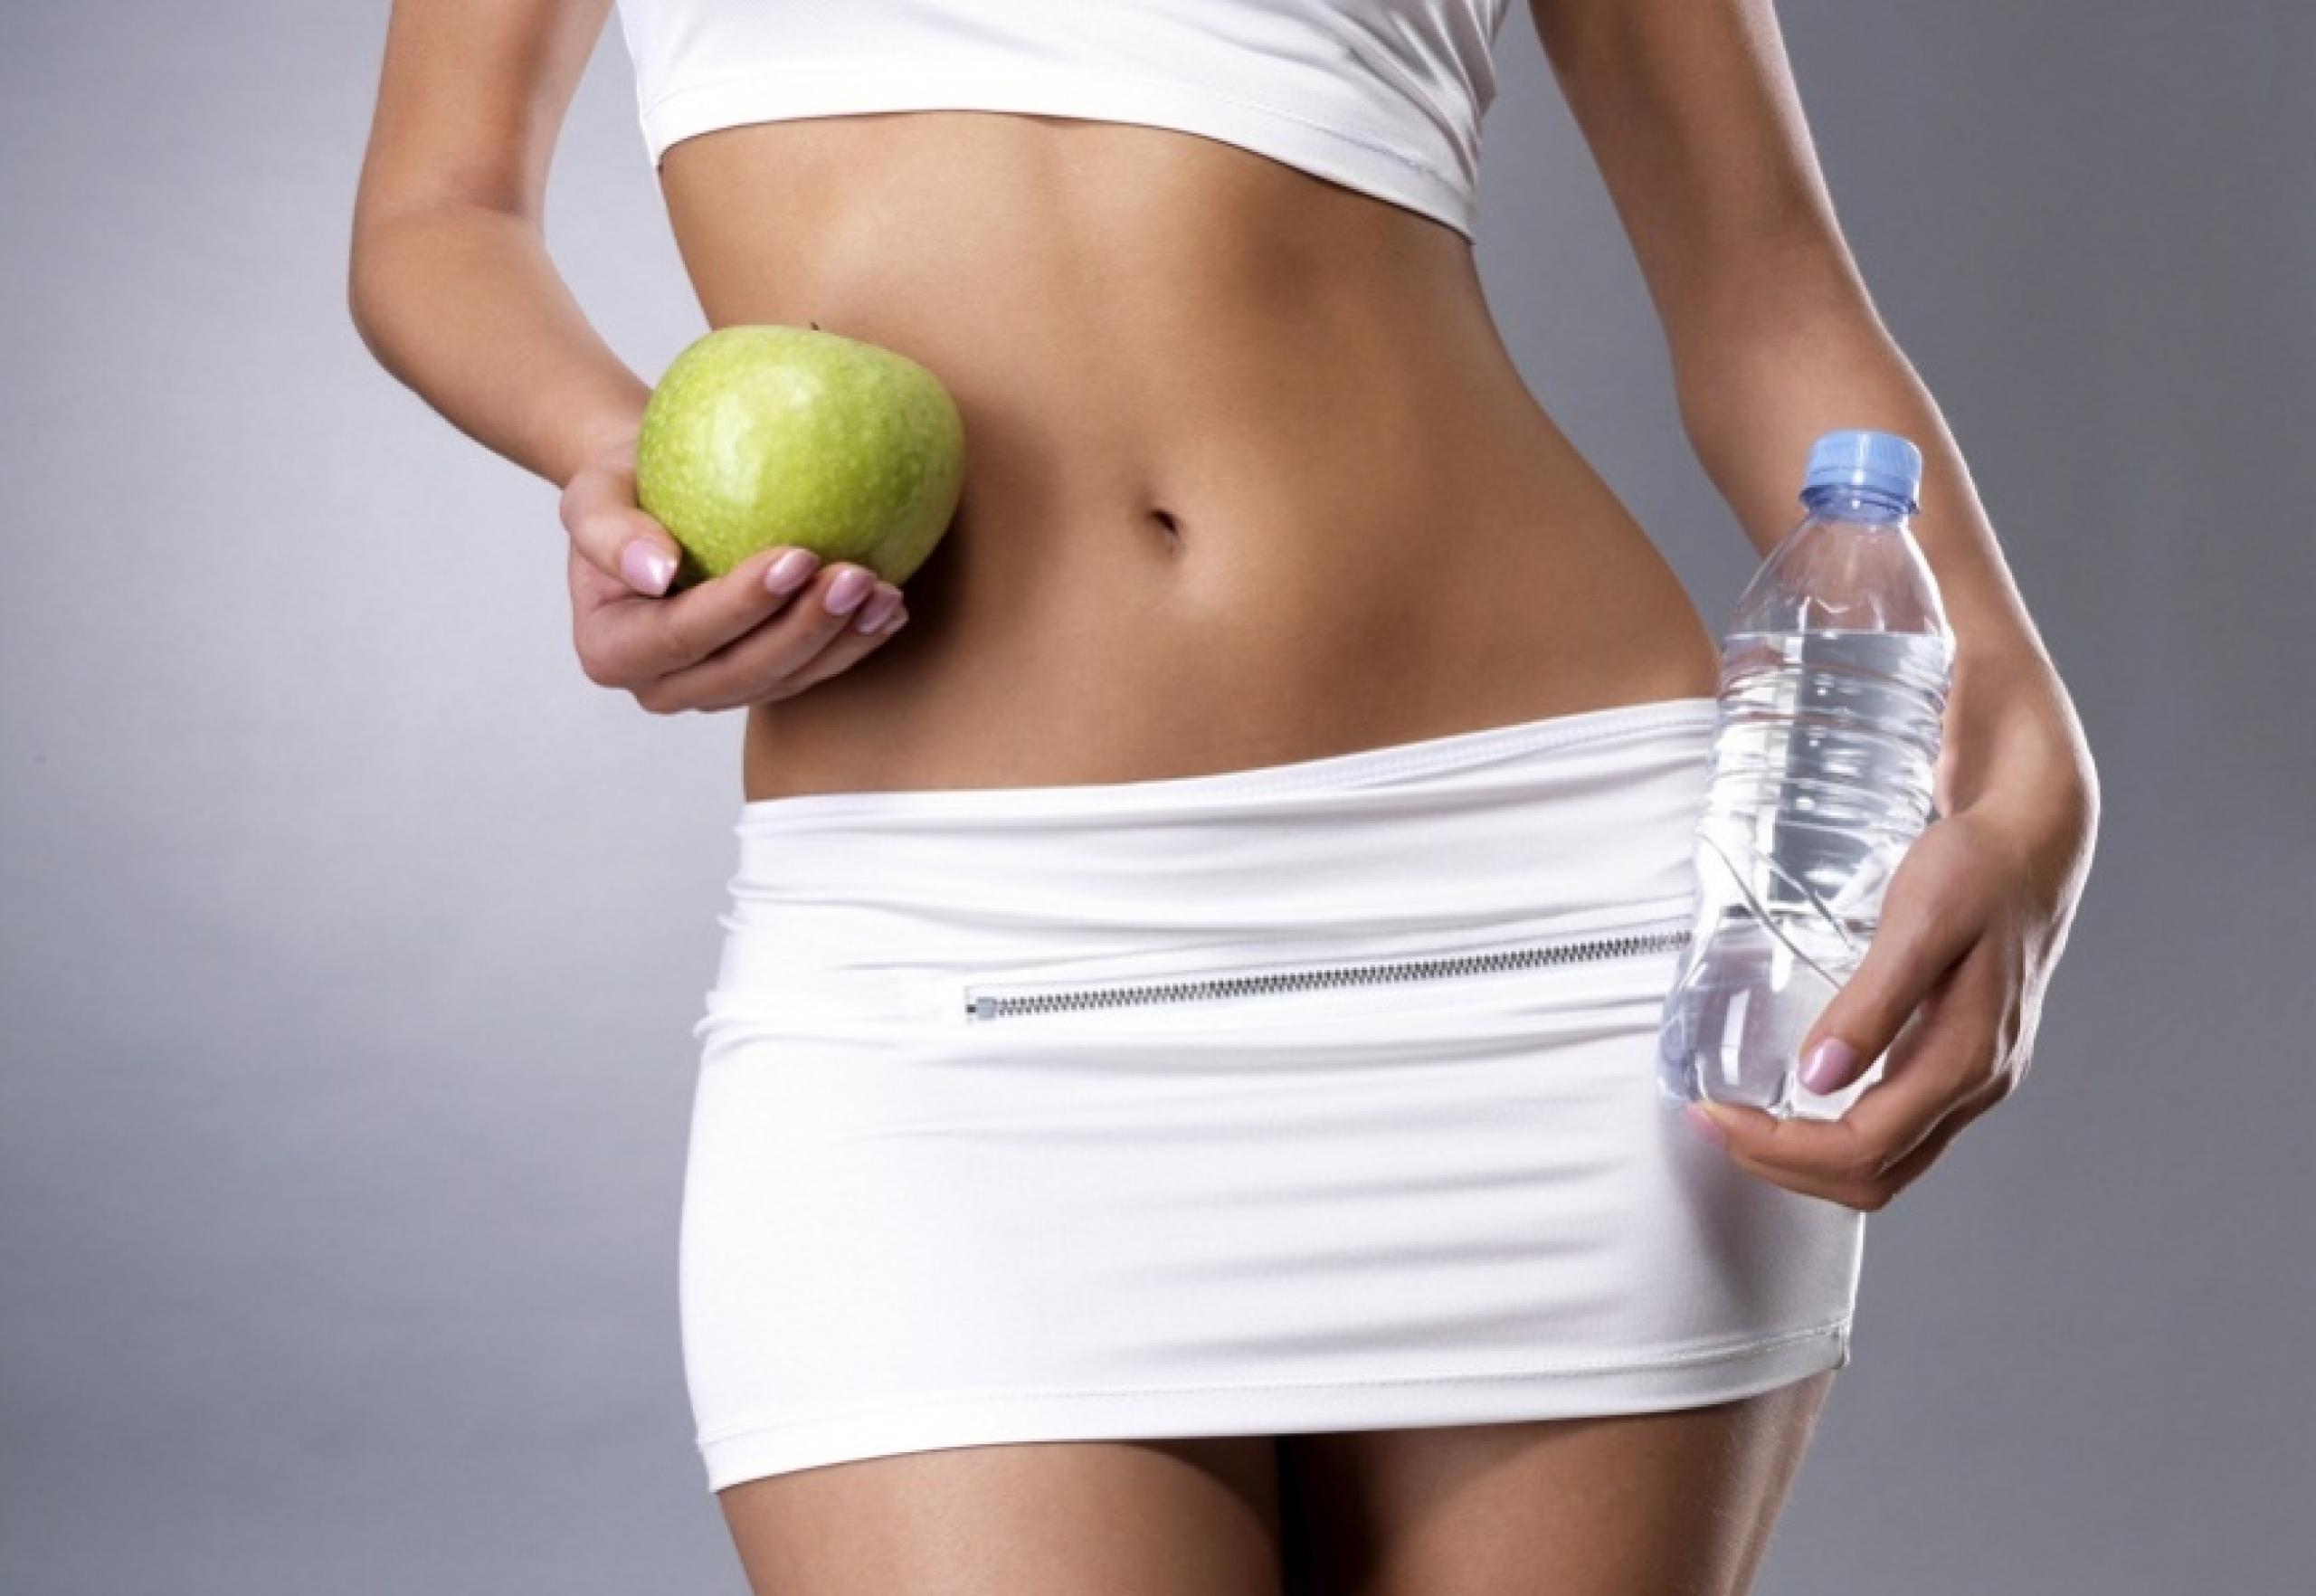 Очищение кишечника перед анальнфм сексом